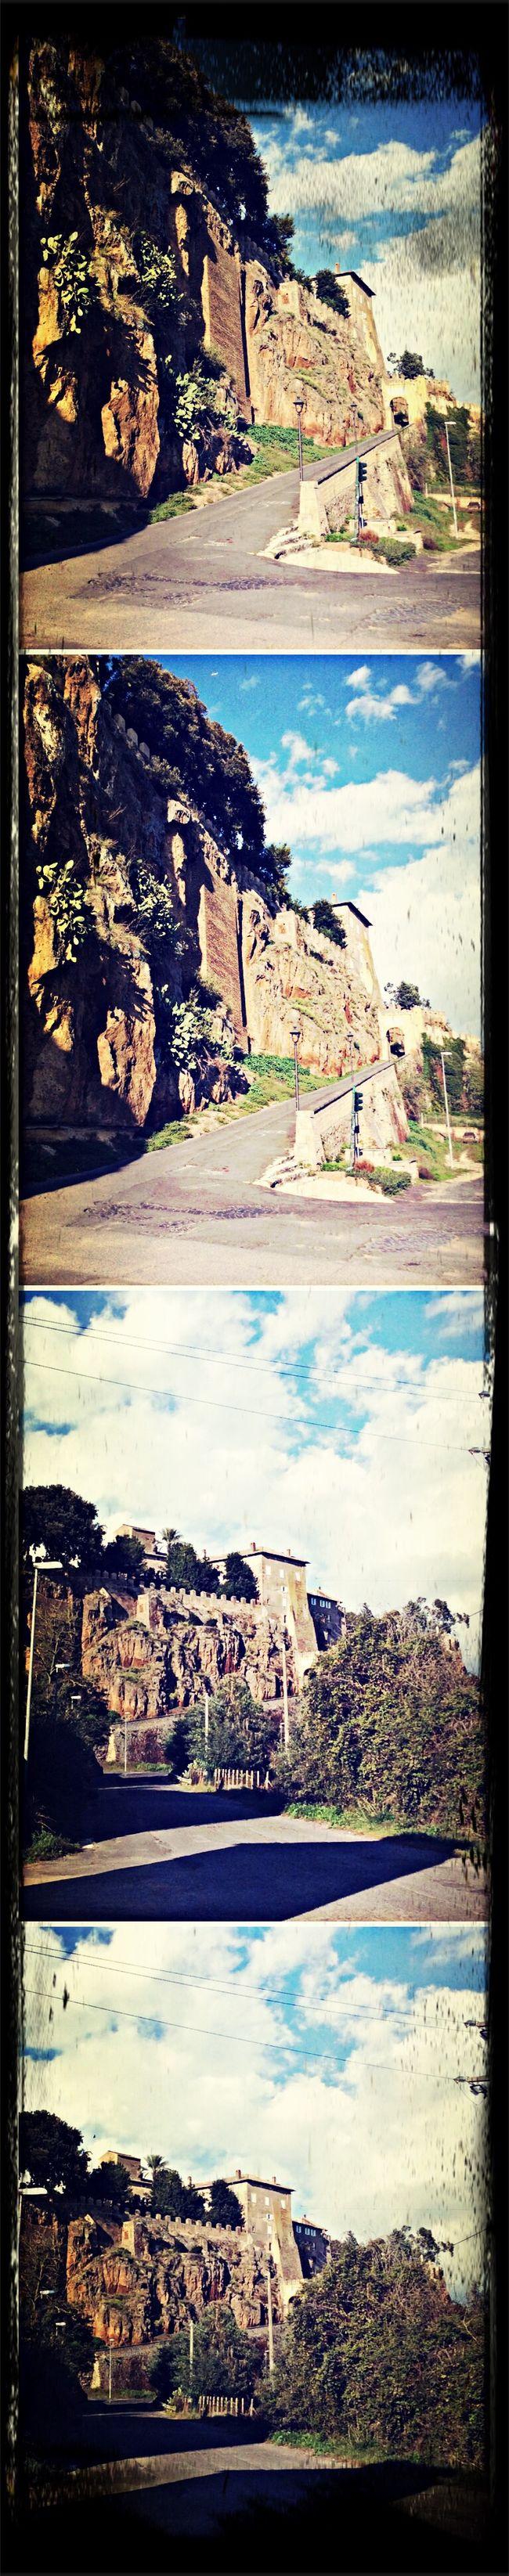 My little town!!! It's a medivalcastel